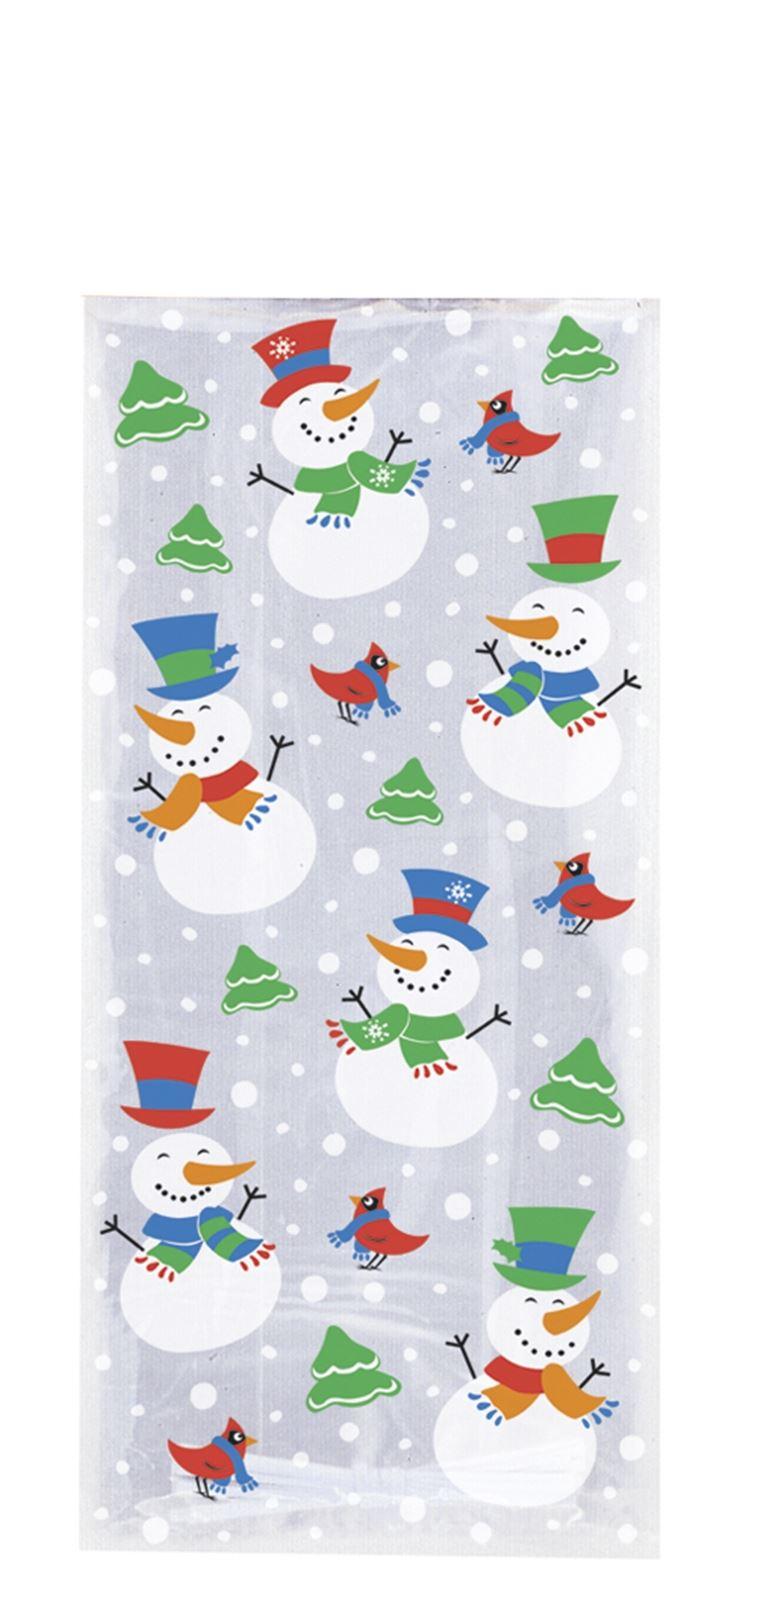 christmas gift bag filler ideas